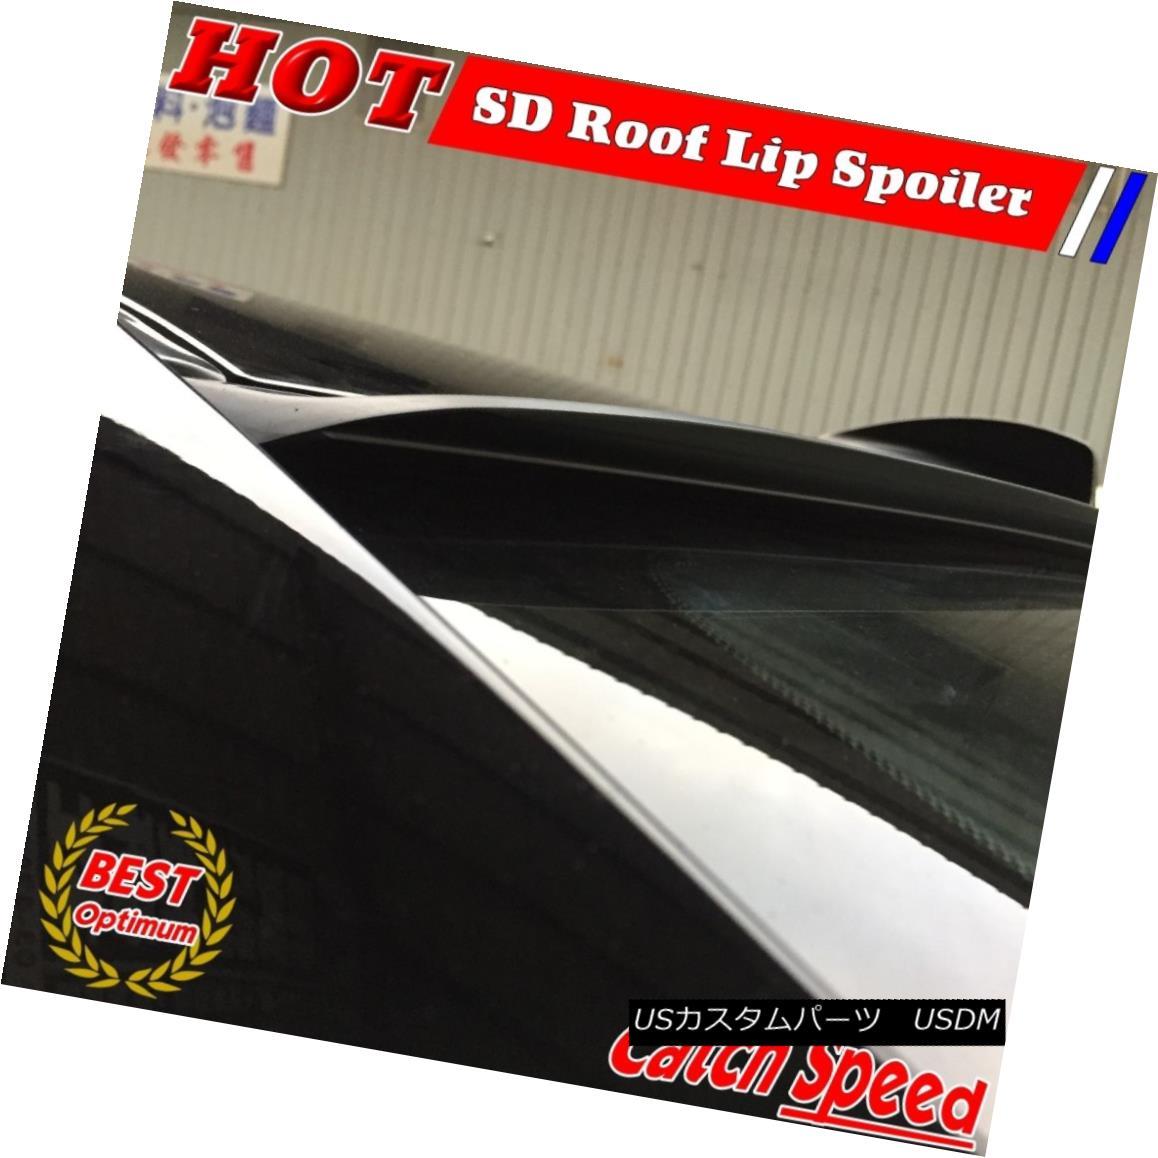 エアロパーツ Flat Black SD Style Rear Window Roof Spoiler Wing For 2006 ~2011 Acura CSX Sedan フラットブラックSDスタイルリアウィンドウルーフスポイラーウイング2006?2011アキュラCSXセダン